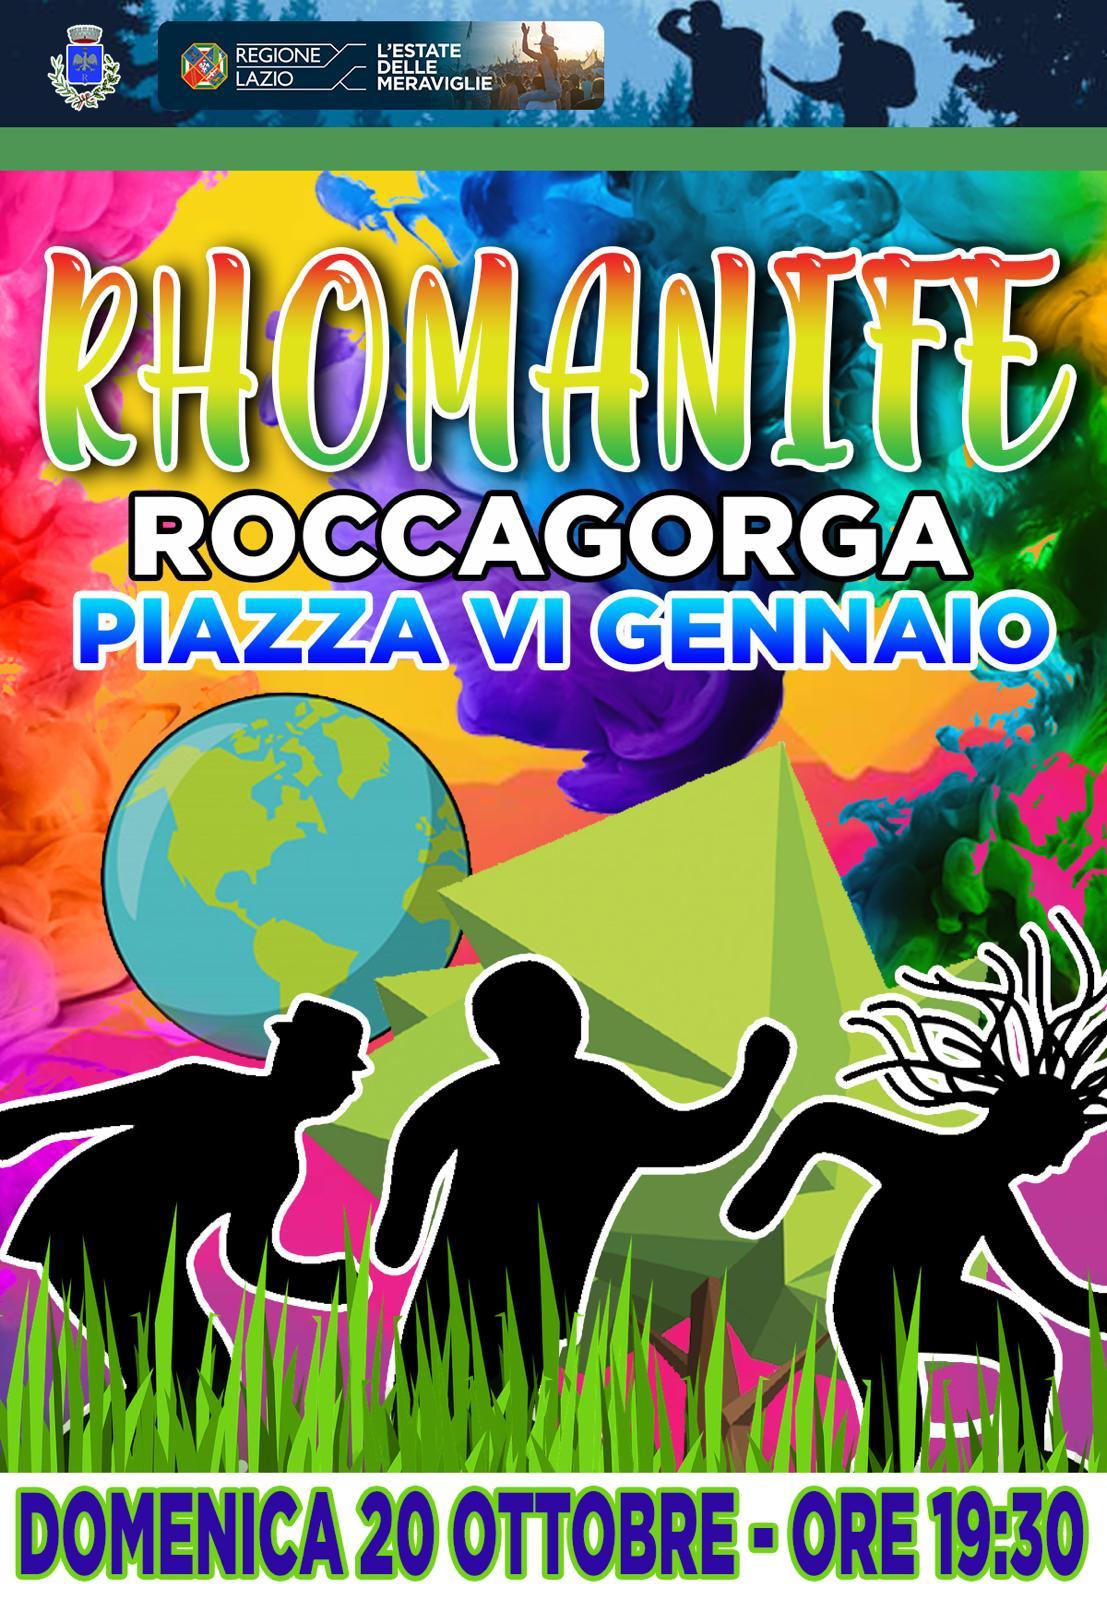 Roccagorga: Rhomanife @ Roccagorga | Lazio | Italia